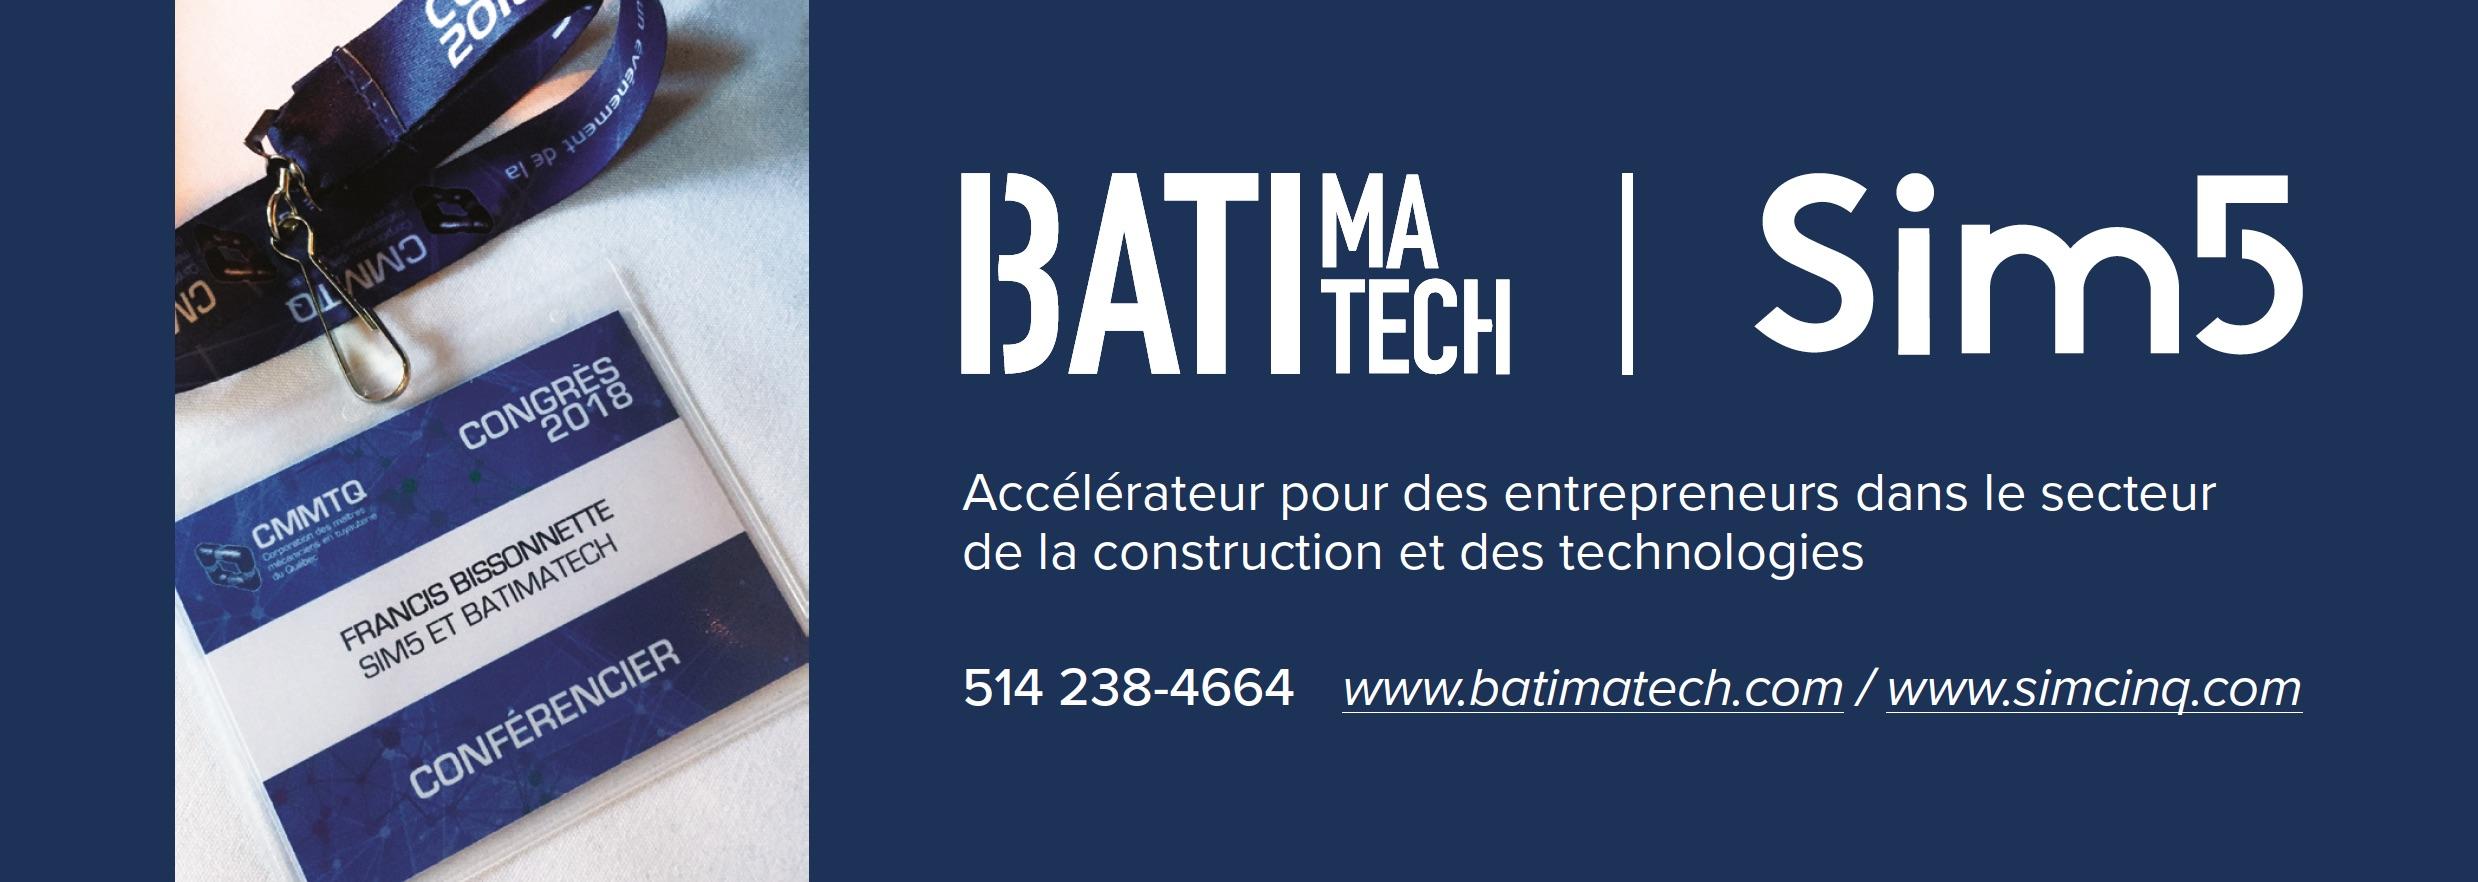 cmmtq - sim5 batimatch publicité -